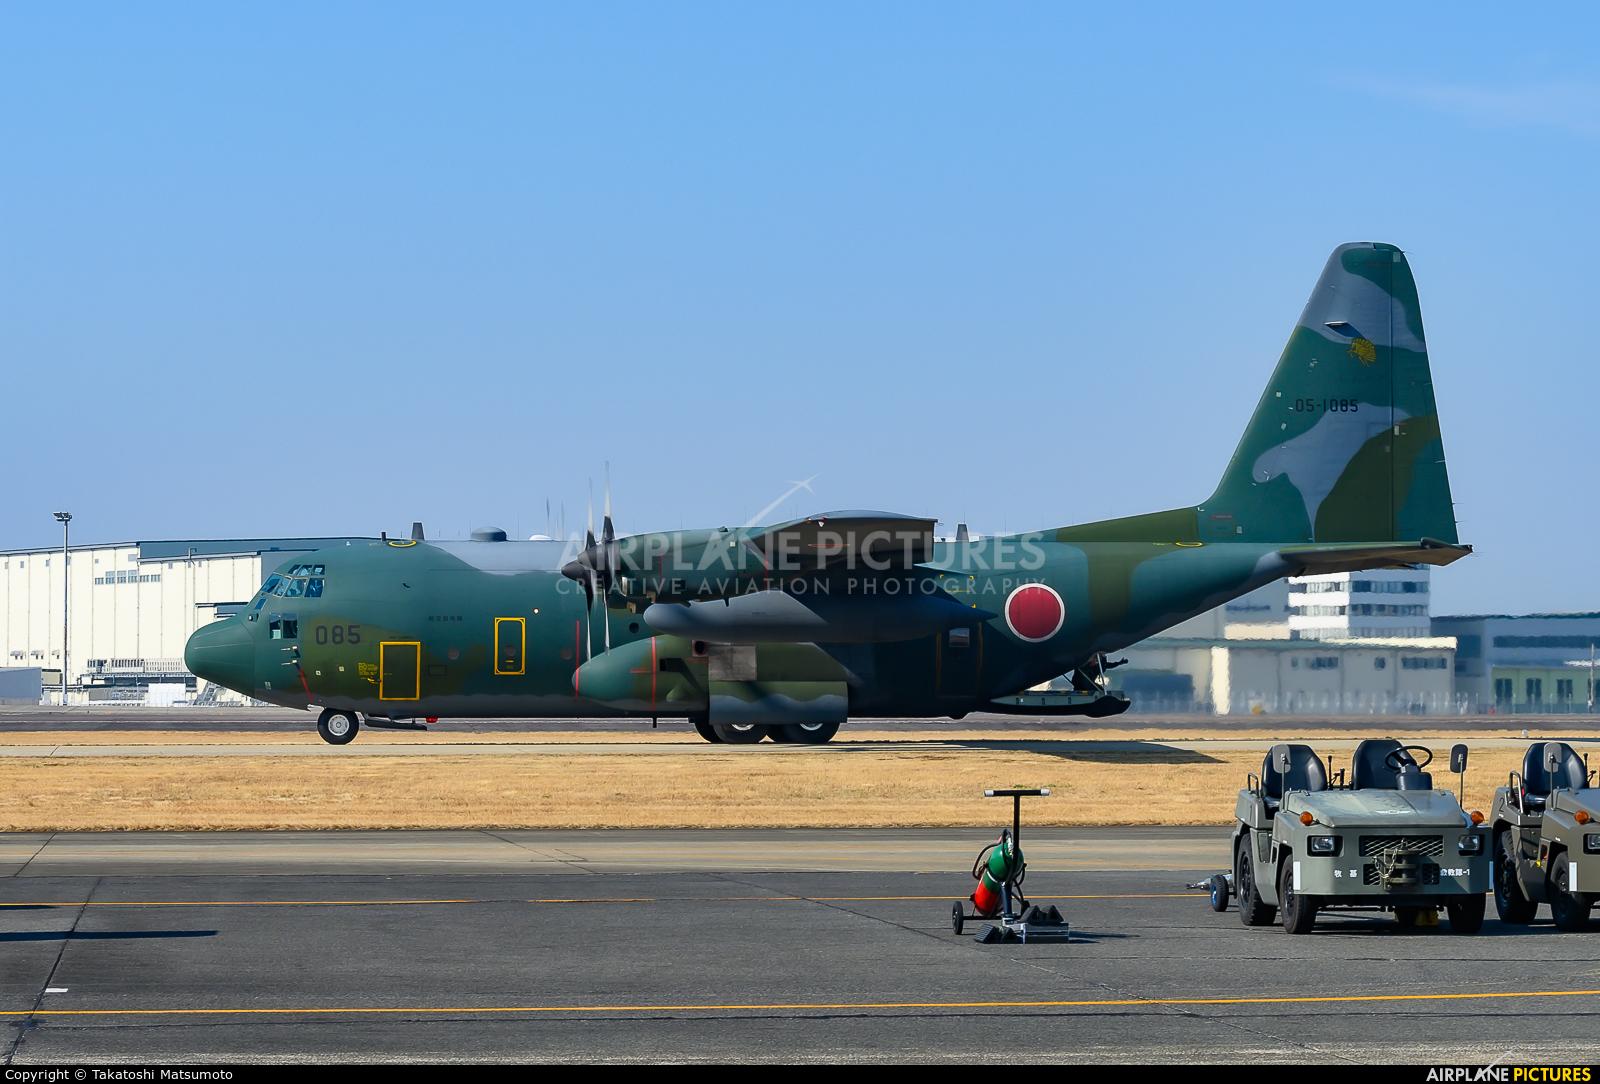 Japan - Air Self Defence Force 05-1085 aircraft at Nagoya - Komaki AB